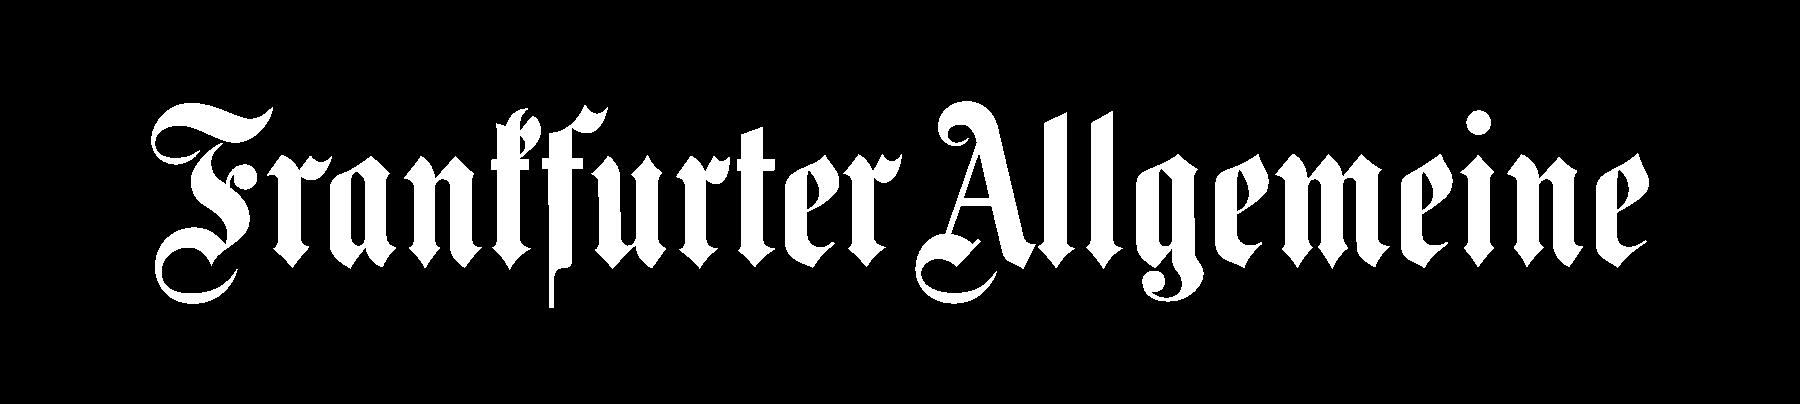 frankfurter-allgemeine-zeitung-black